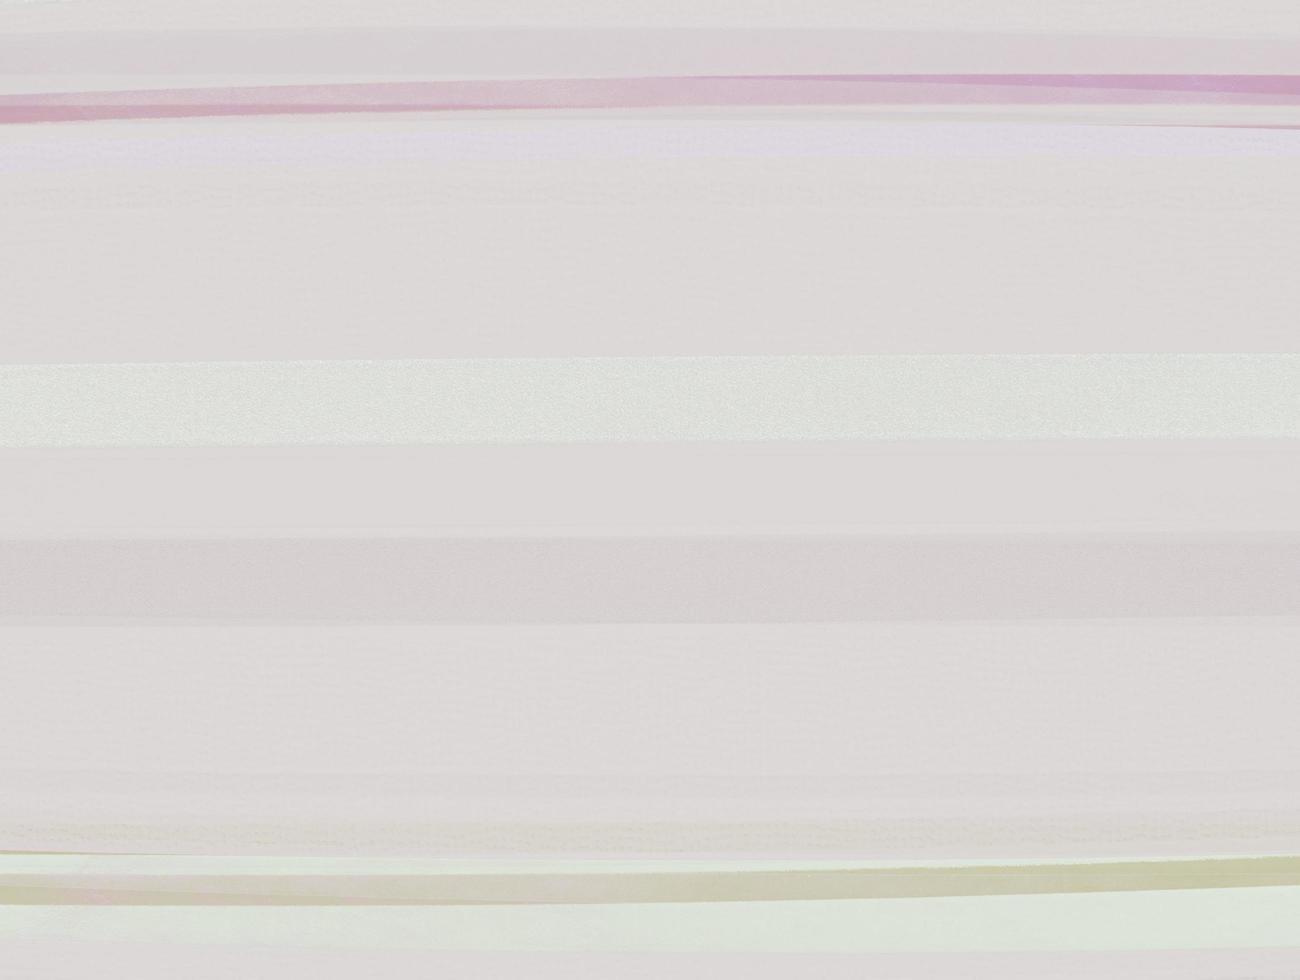 abstrakta linjer på en vägg foto